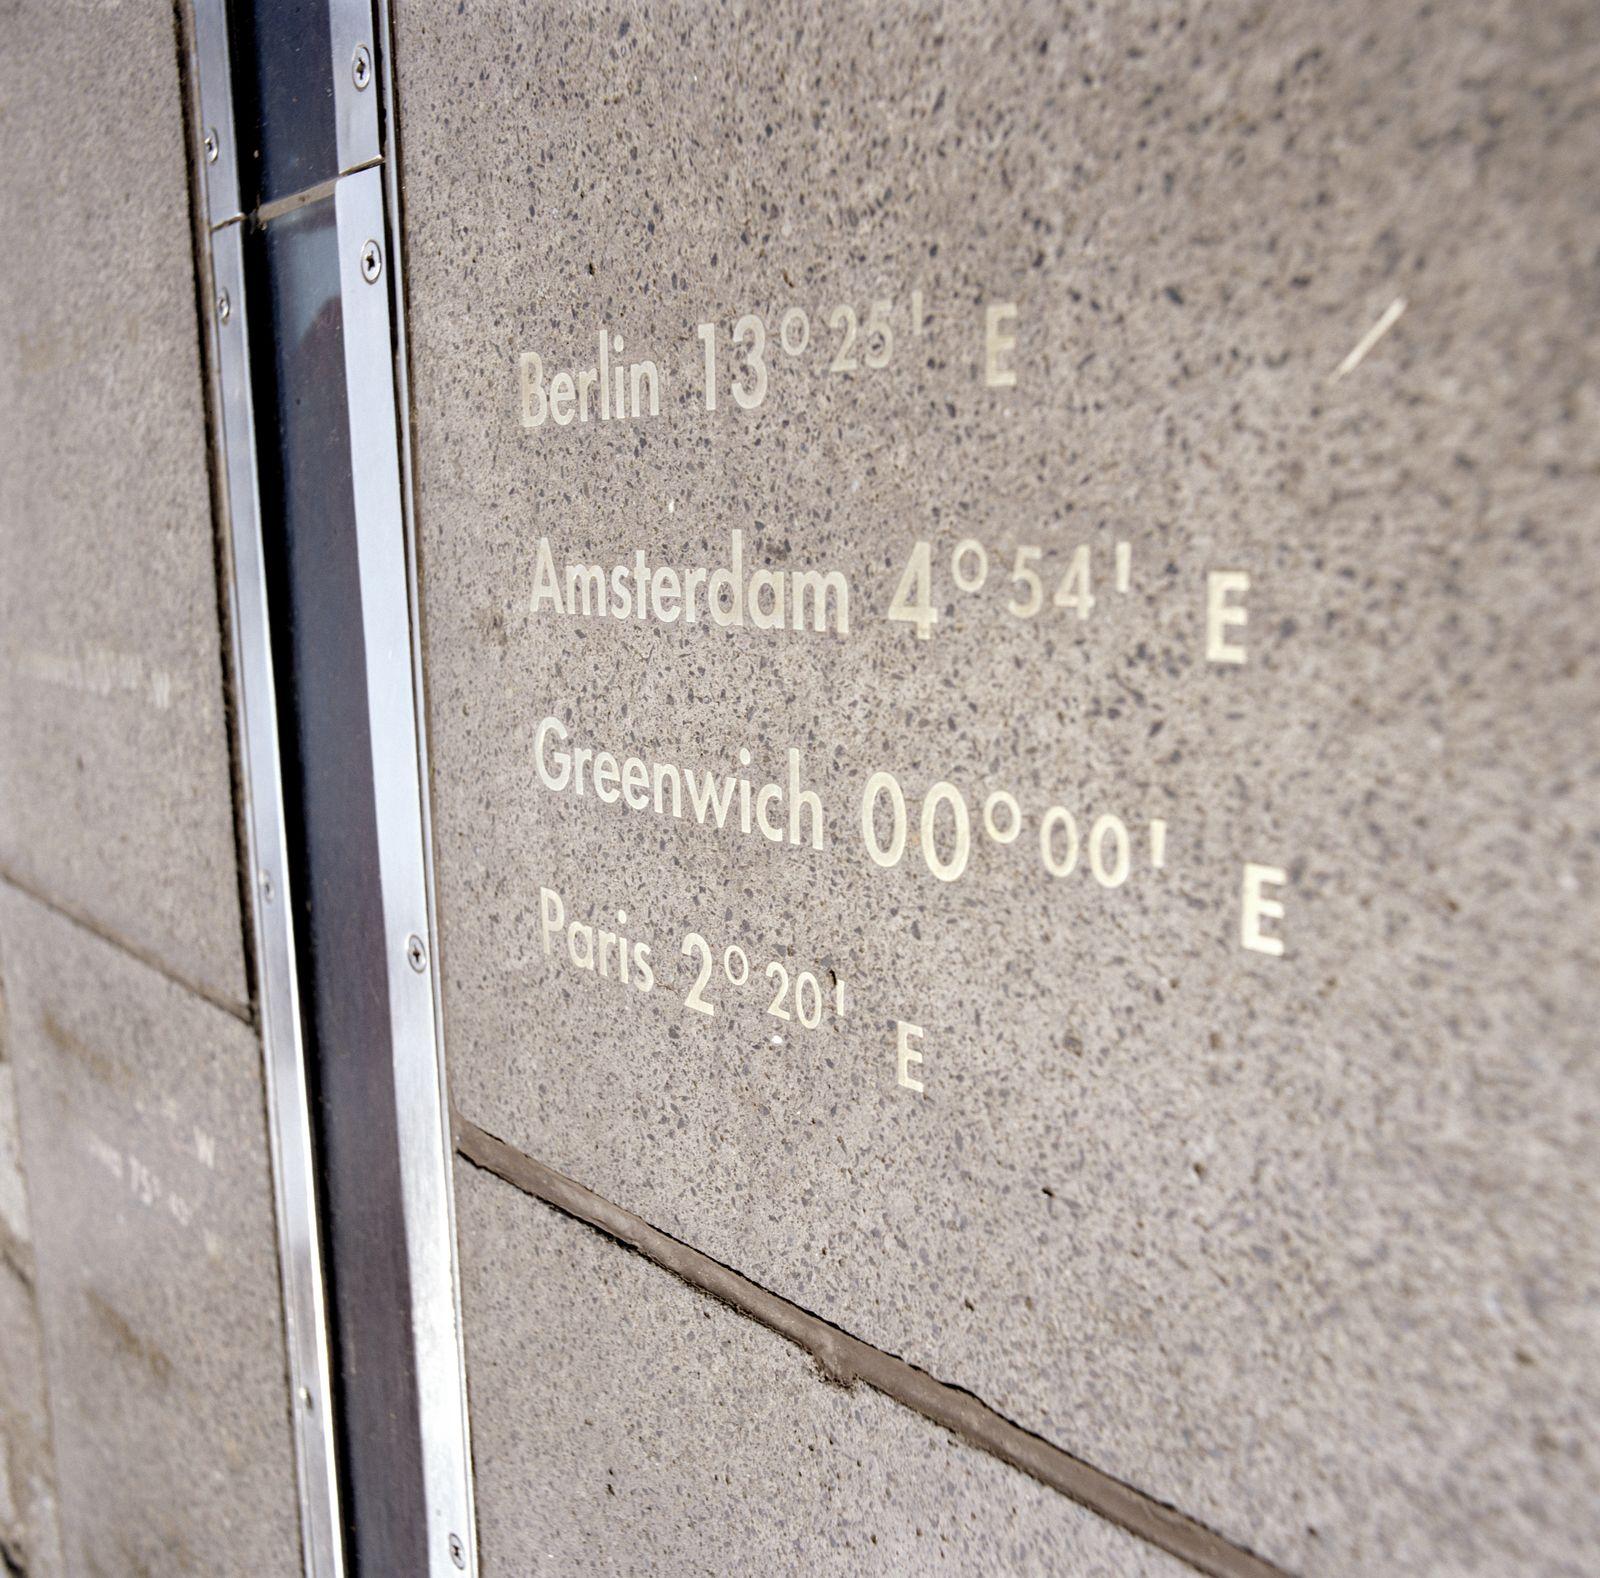 NICHT MEHR VERWENDEN! - Nullmeridian / Prime Meridian / Greenwich